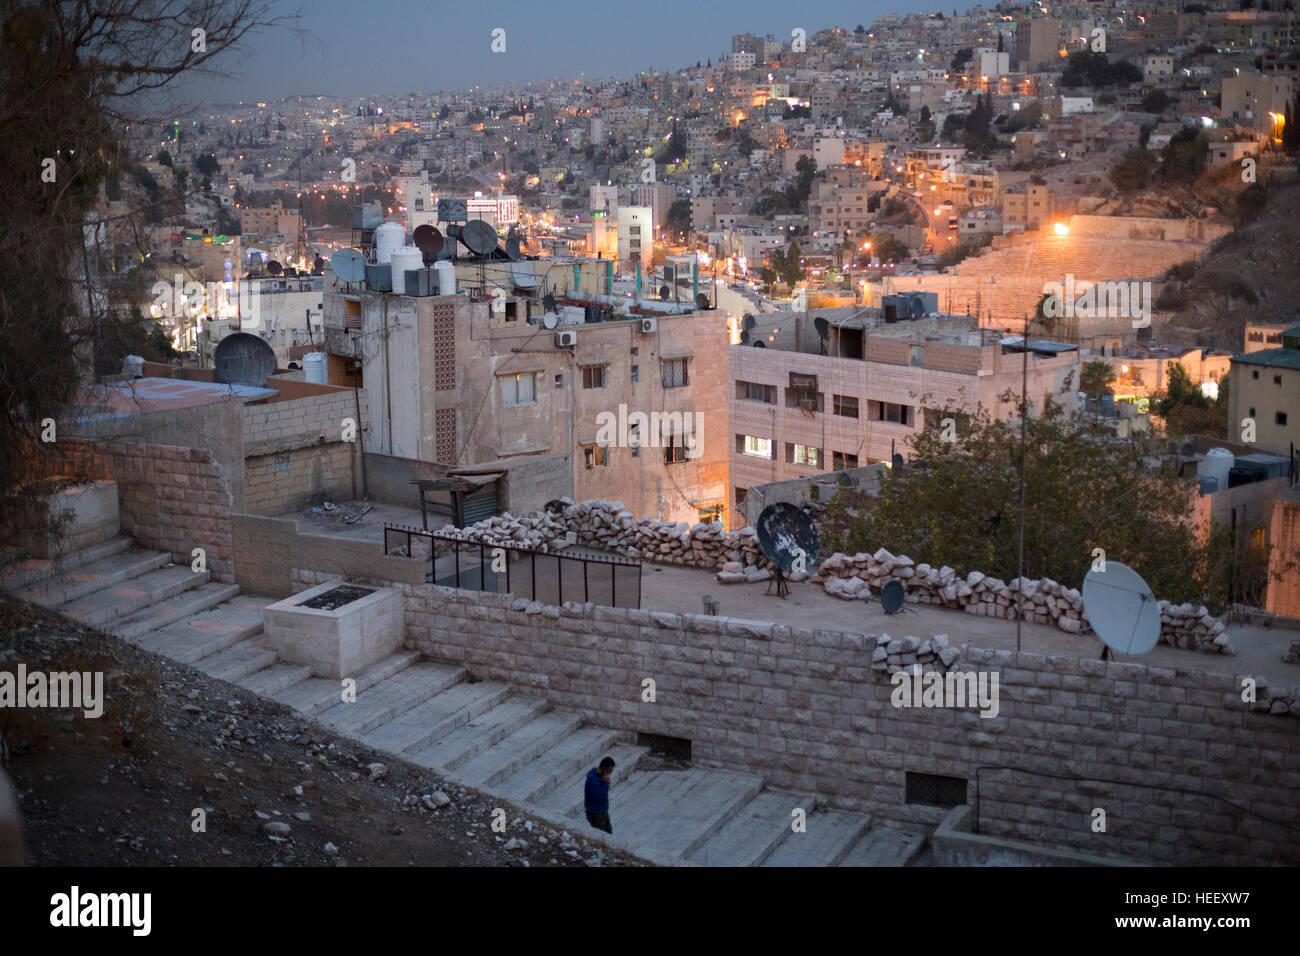 Notturno di scena di strada in Amman, Giordania che mostra l'antico anfiteatro romano. Immagini Stock